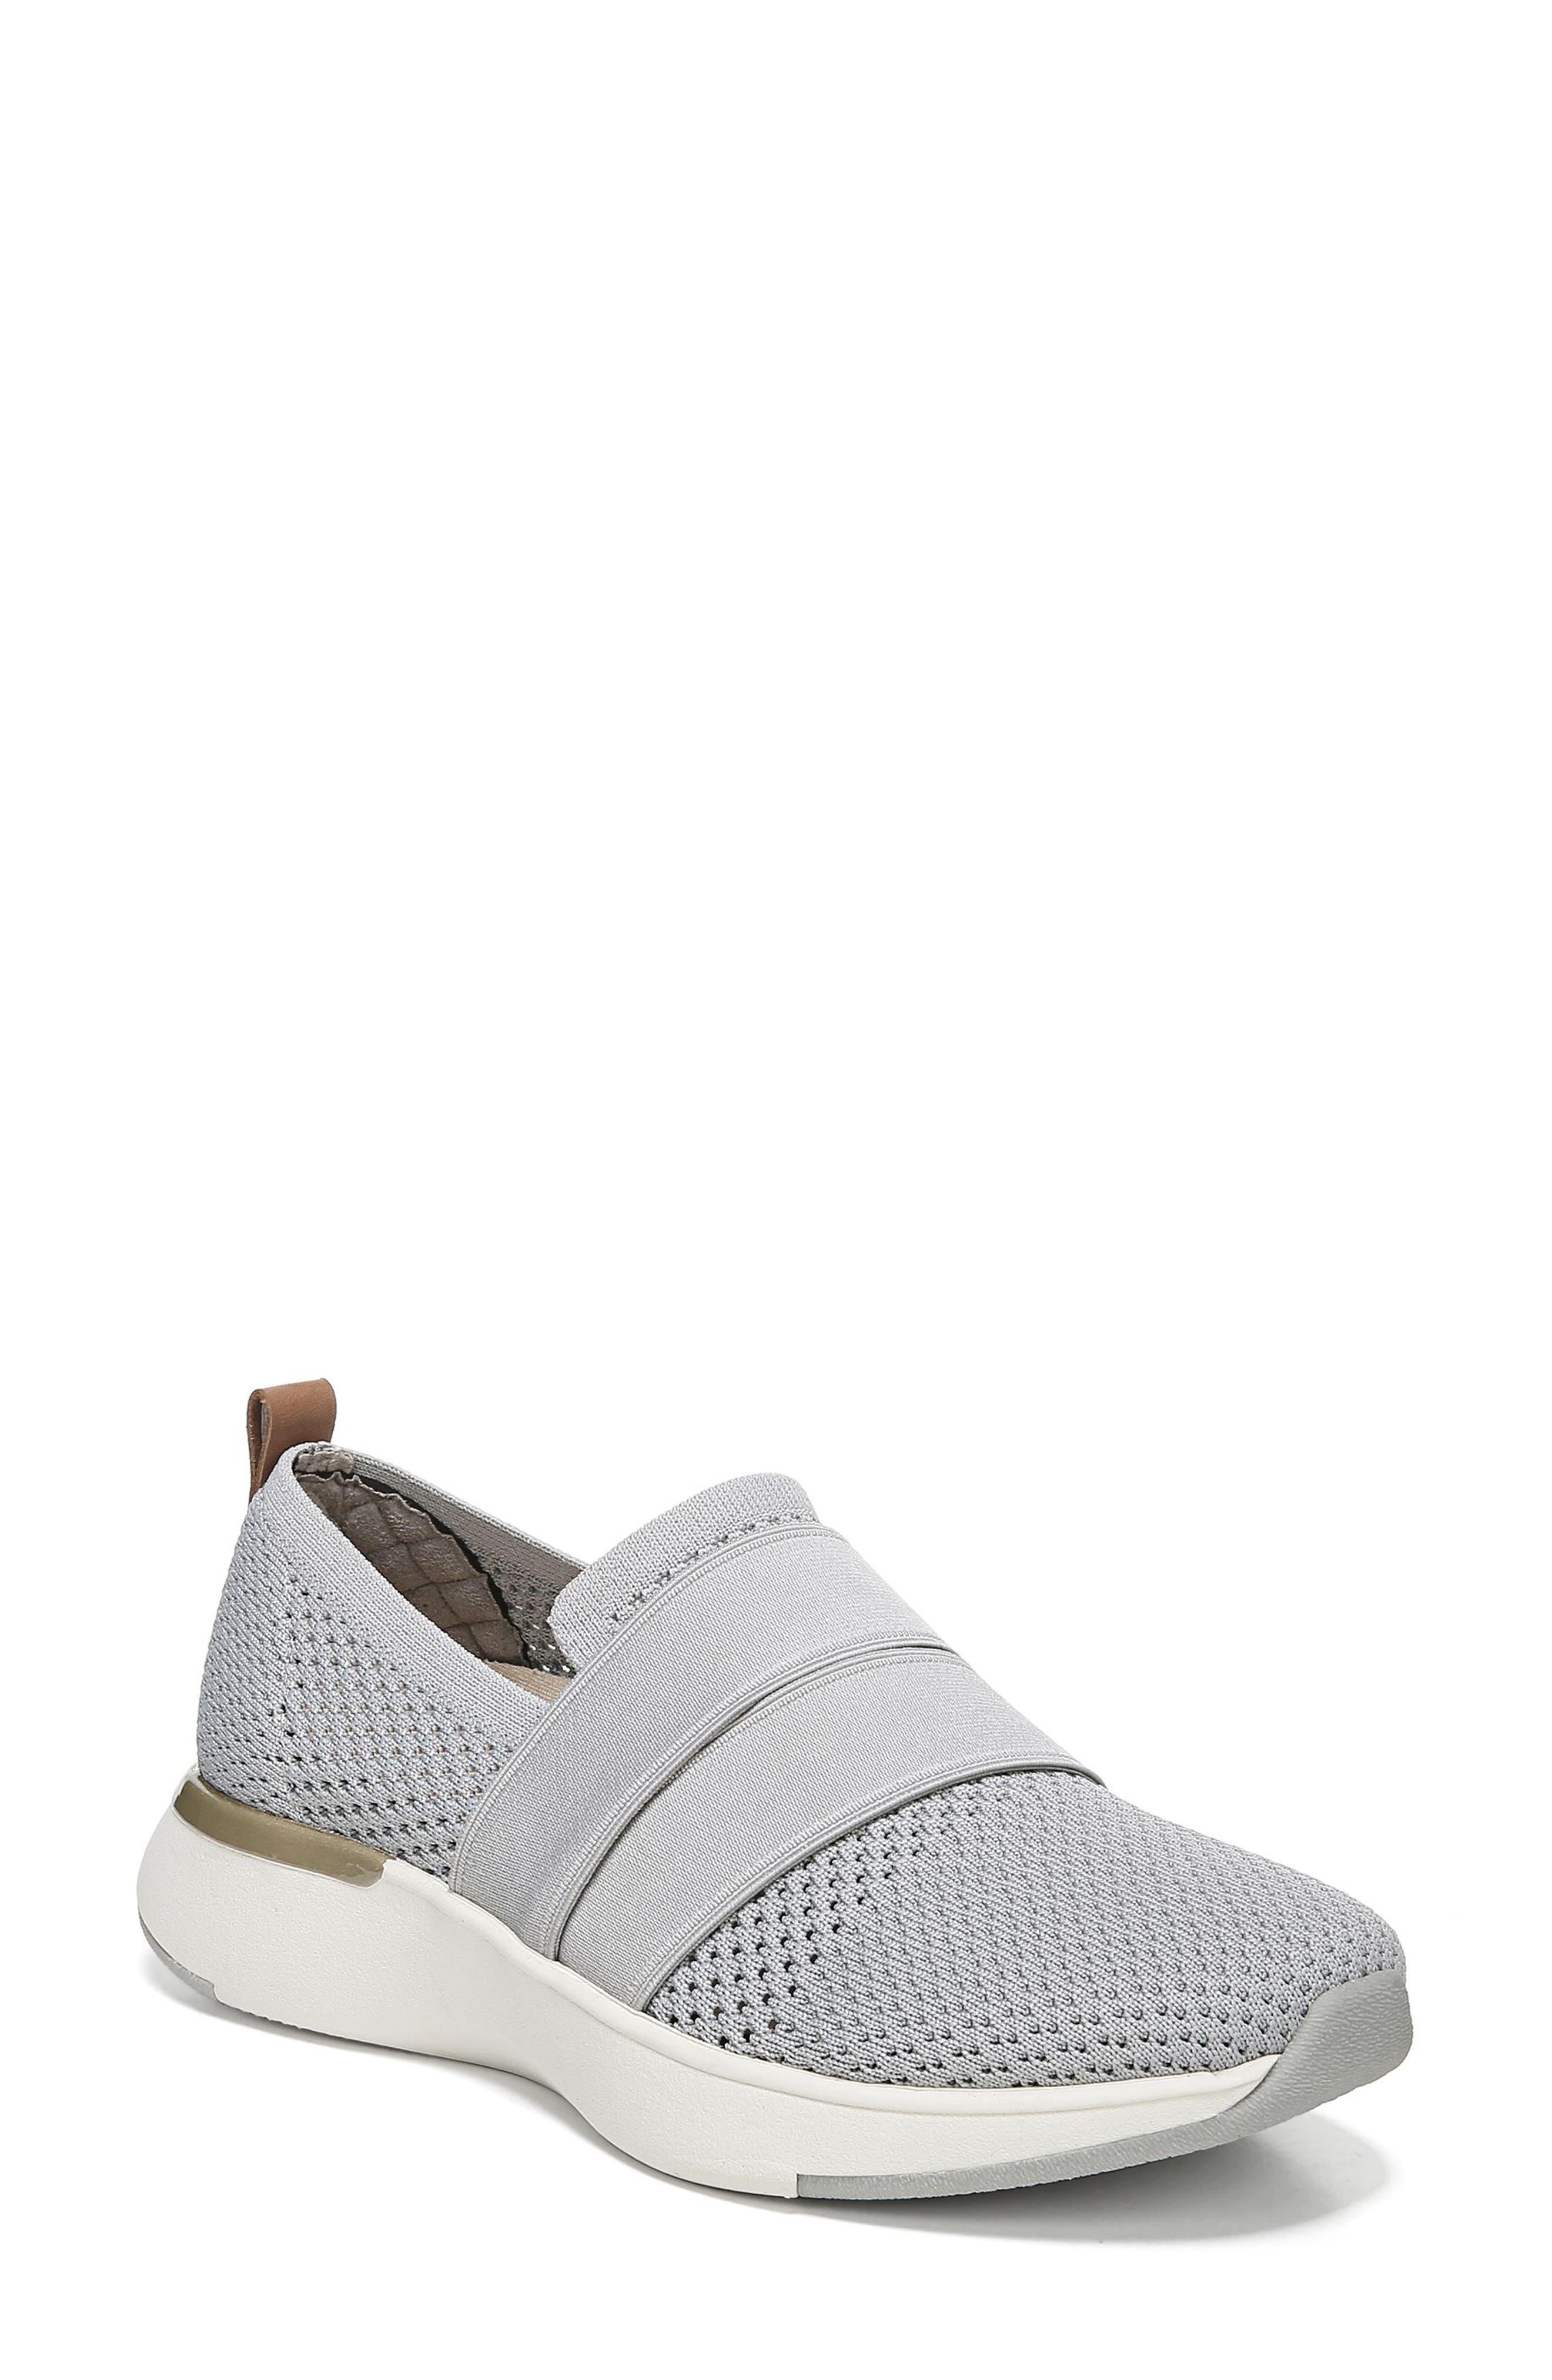 Slay All Day Slip-On Sneaker